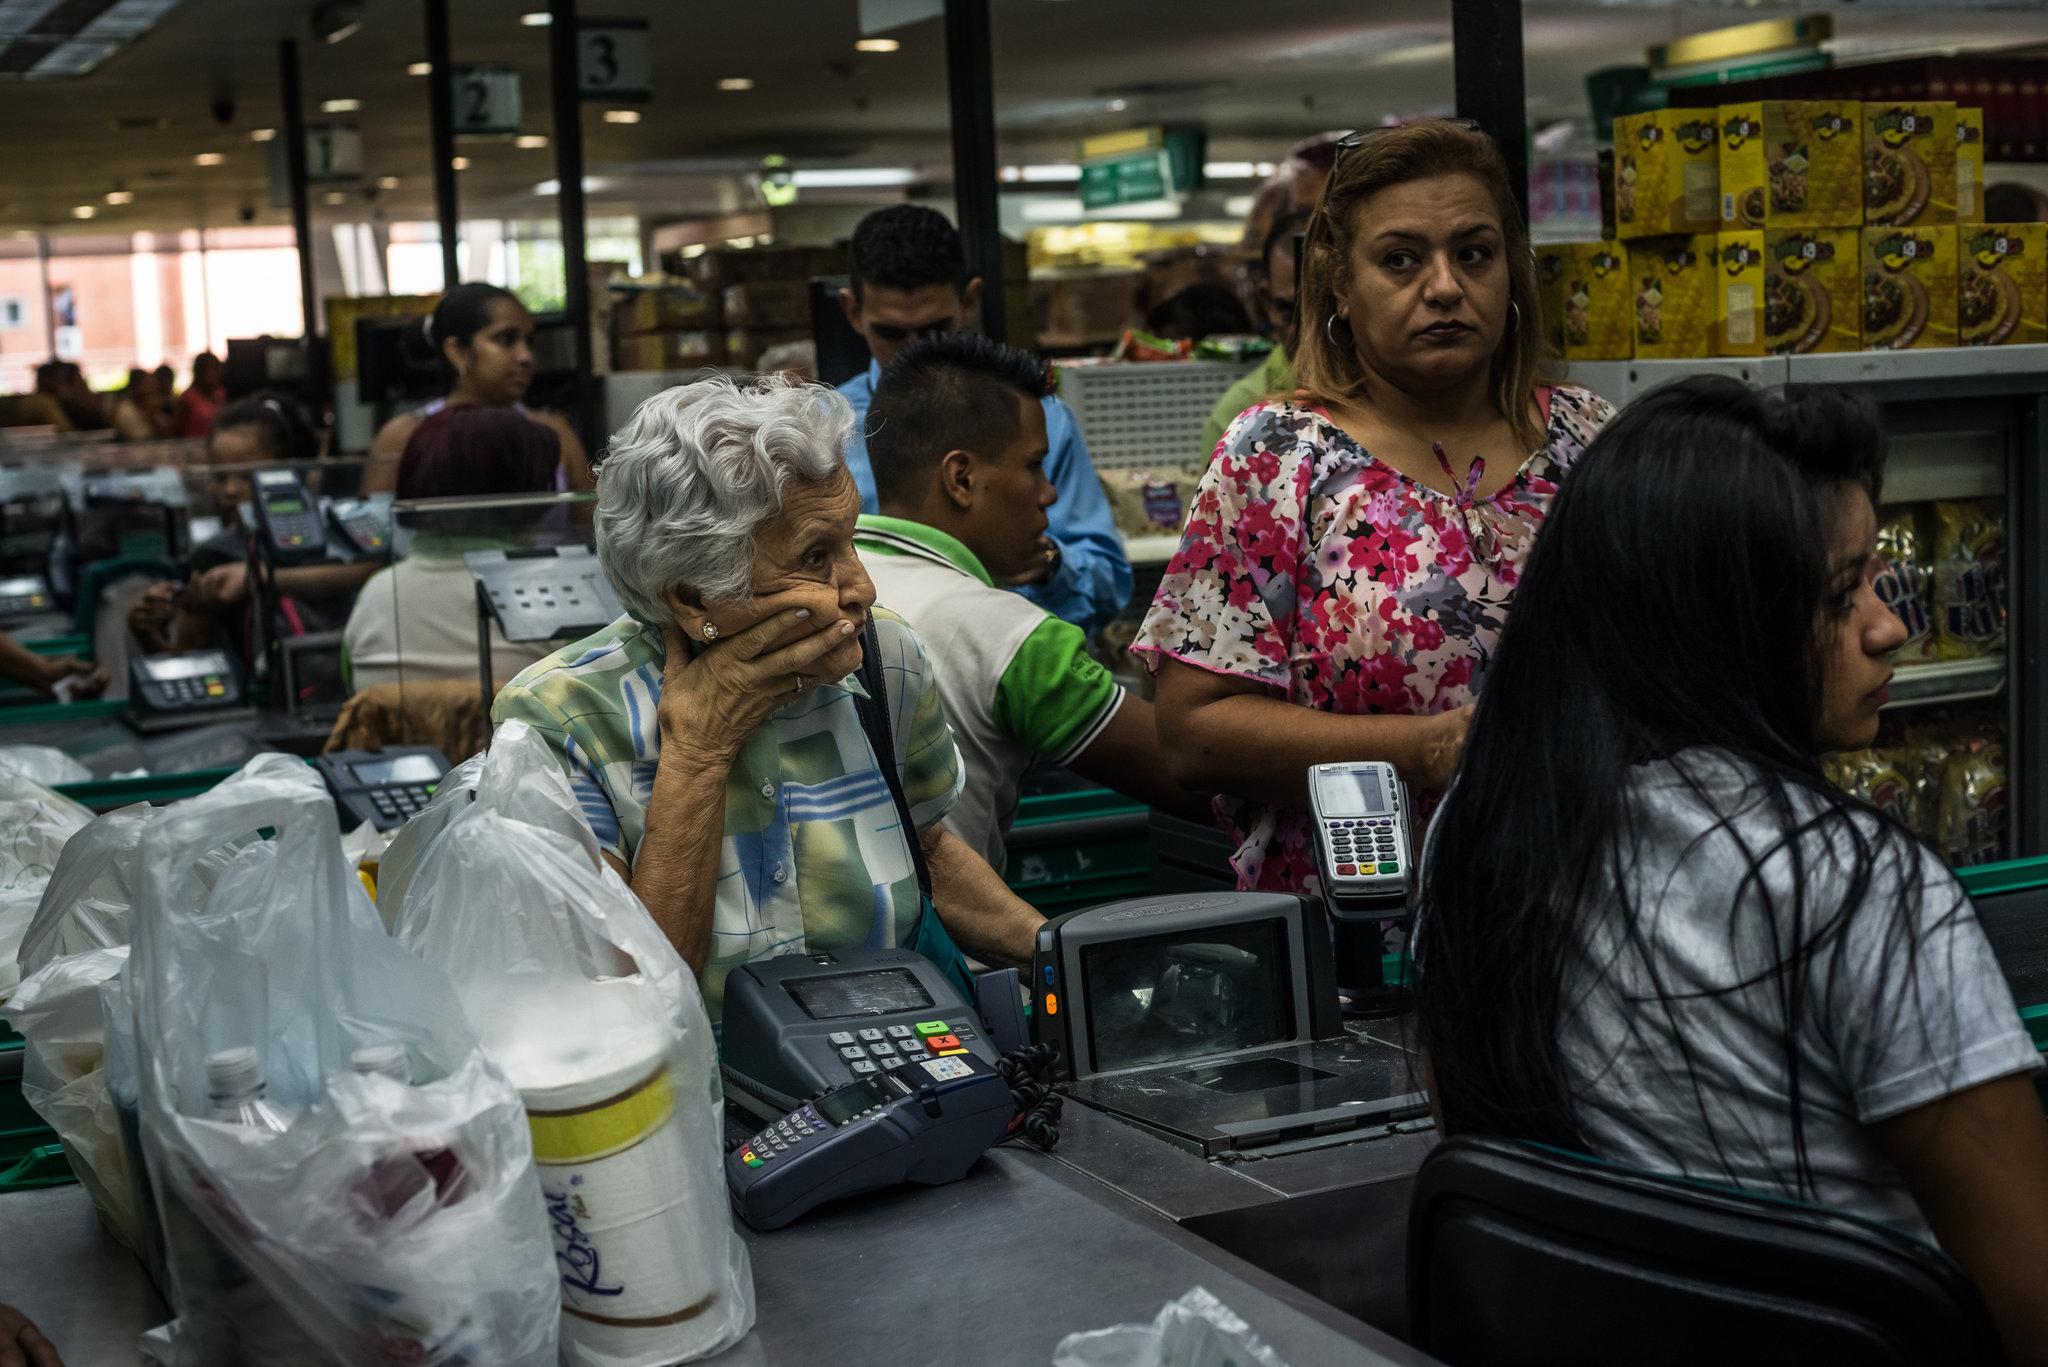 Ecoanalítica calcula inflación del 81% para diciembre